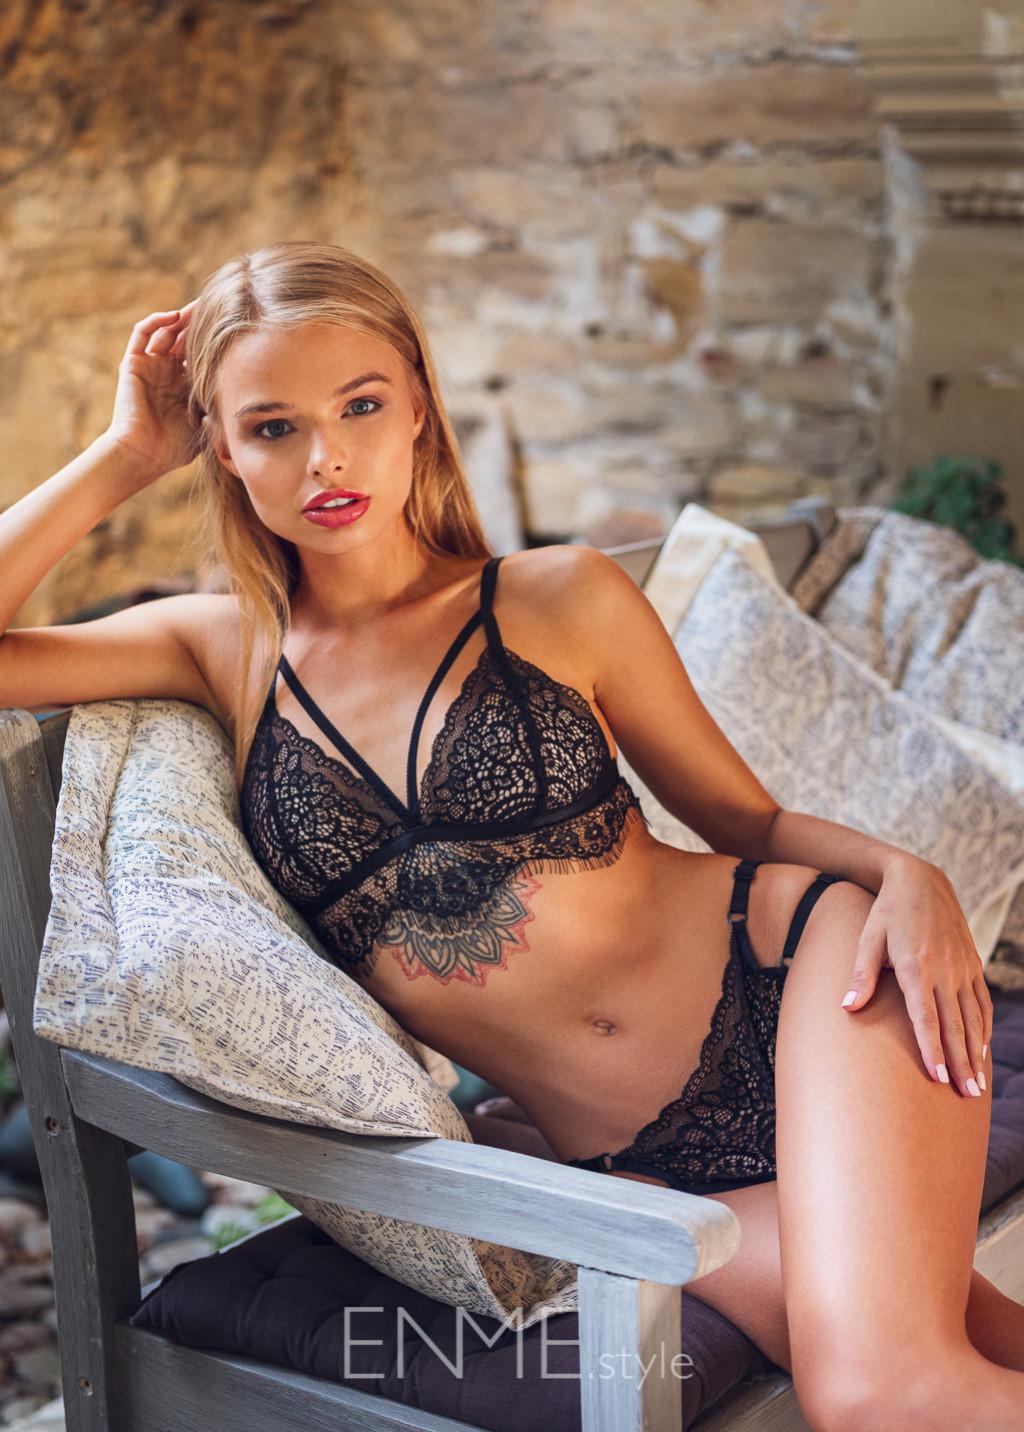 Black Strappy Bralette And Bikini In Lace